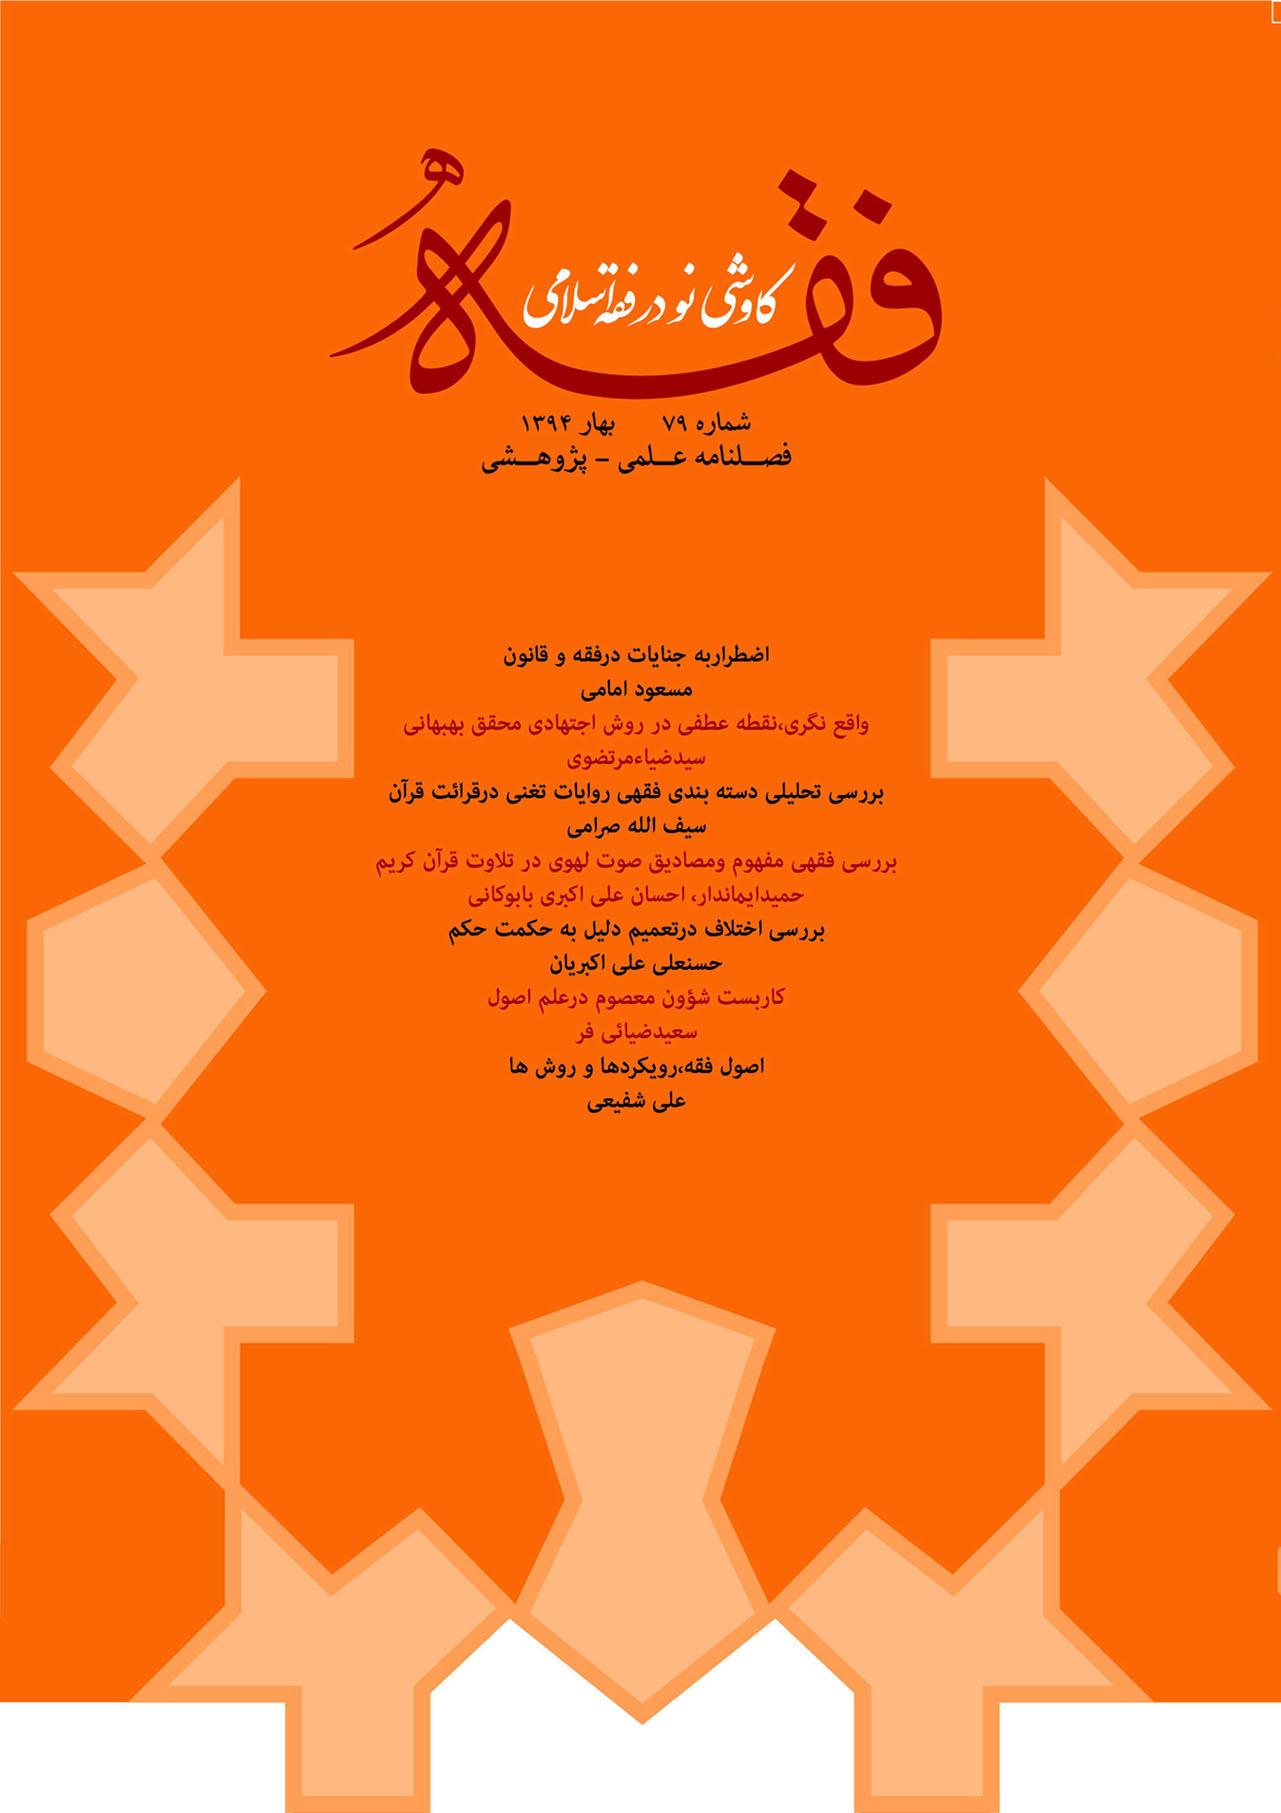 فقه (کاوشی نو در فقه اسلامی)